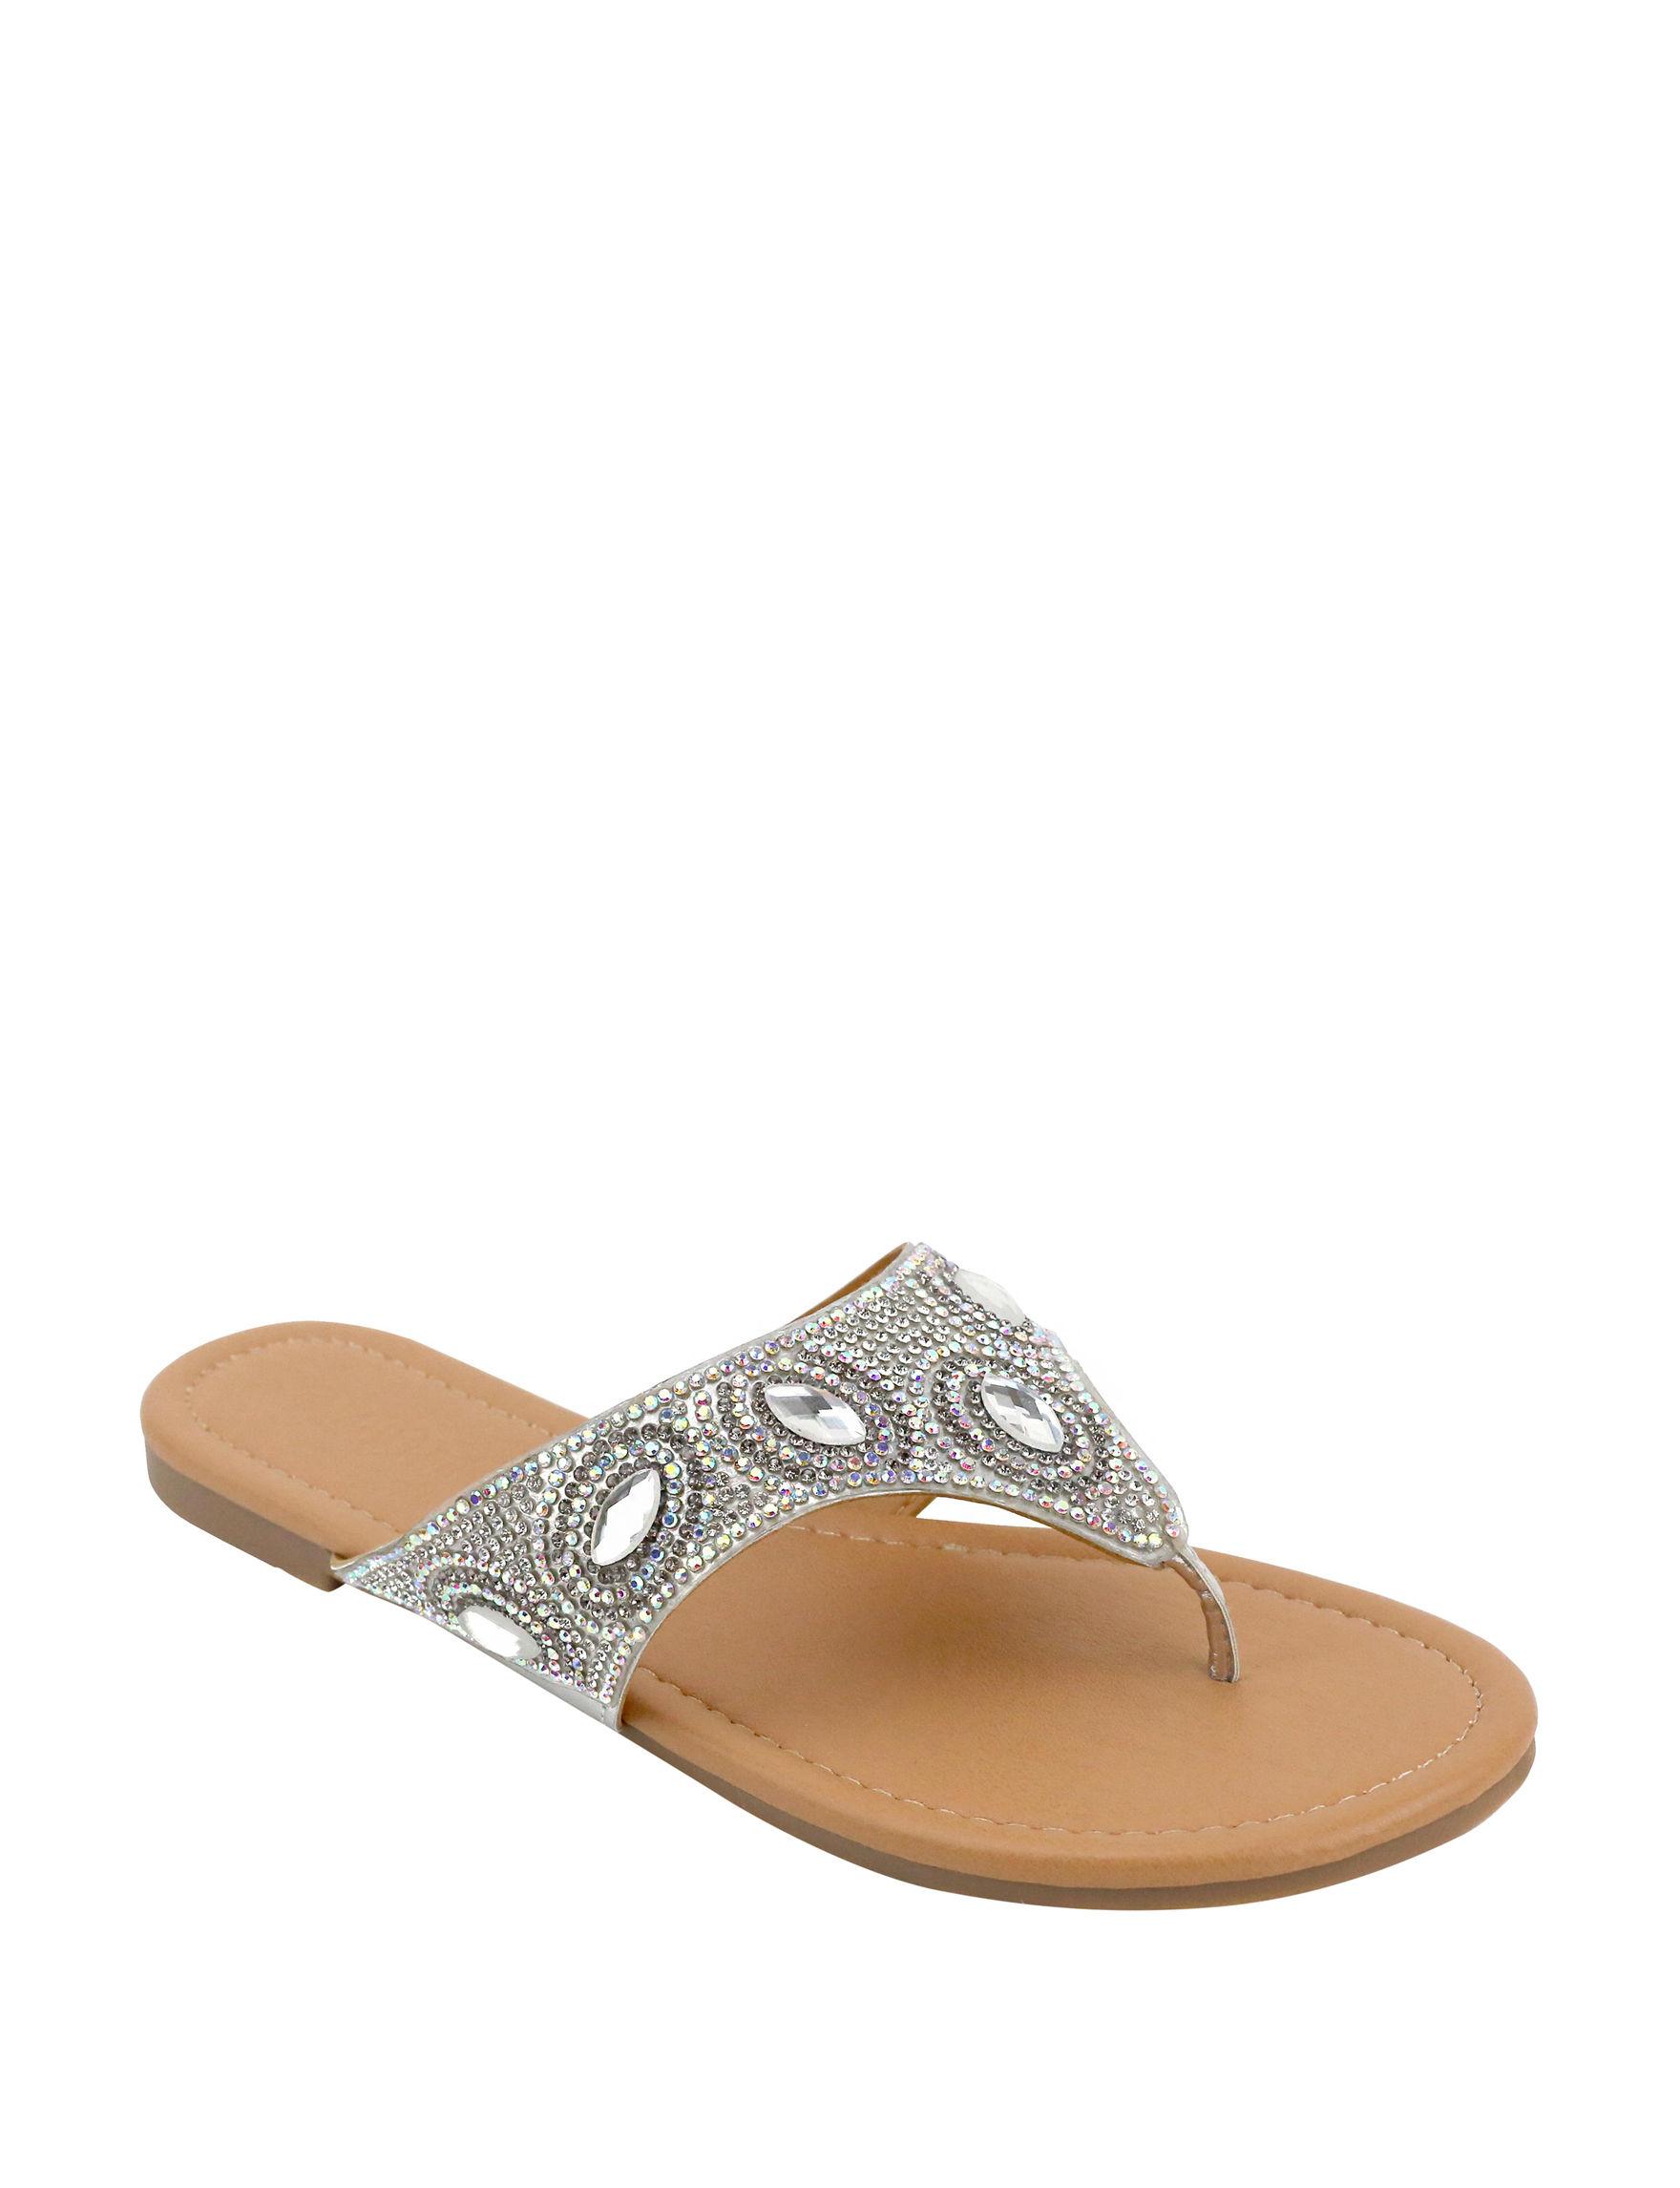 Olivia Miller Silver Flat Sandals